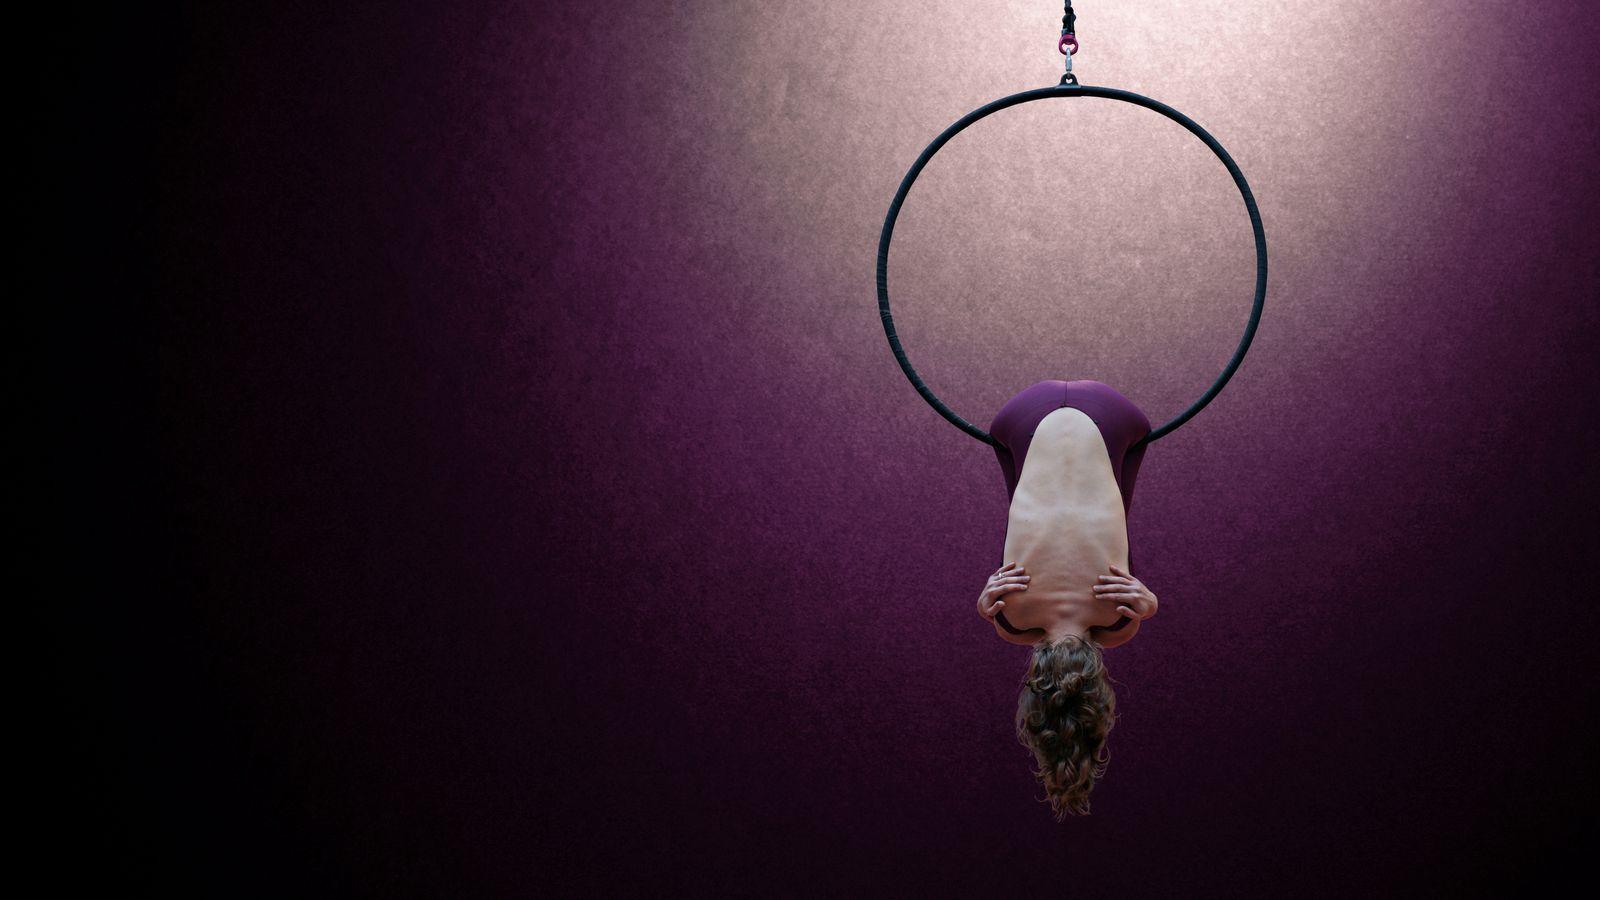 Gabrielle est suspendue à un cerceau aérien au gymnase d'Overground Circus à Lyon. Elle est de dos et porte un justaucorps violet avec un magnifique dos-nu.